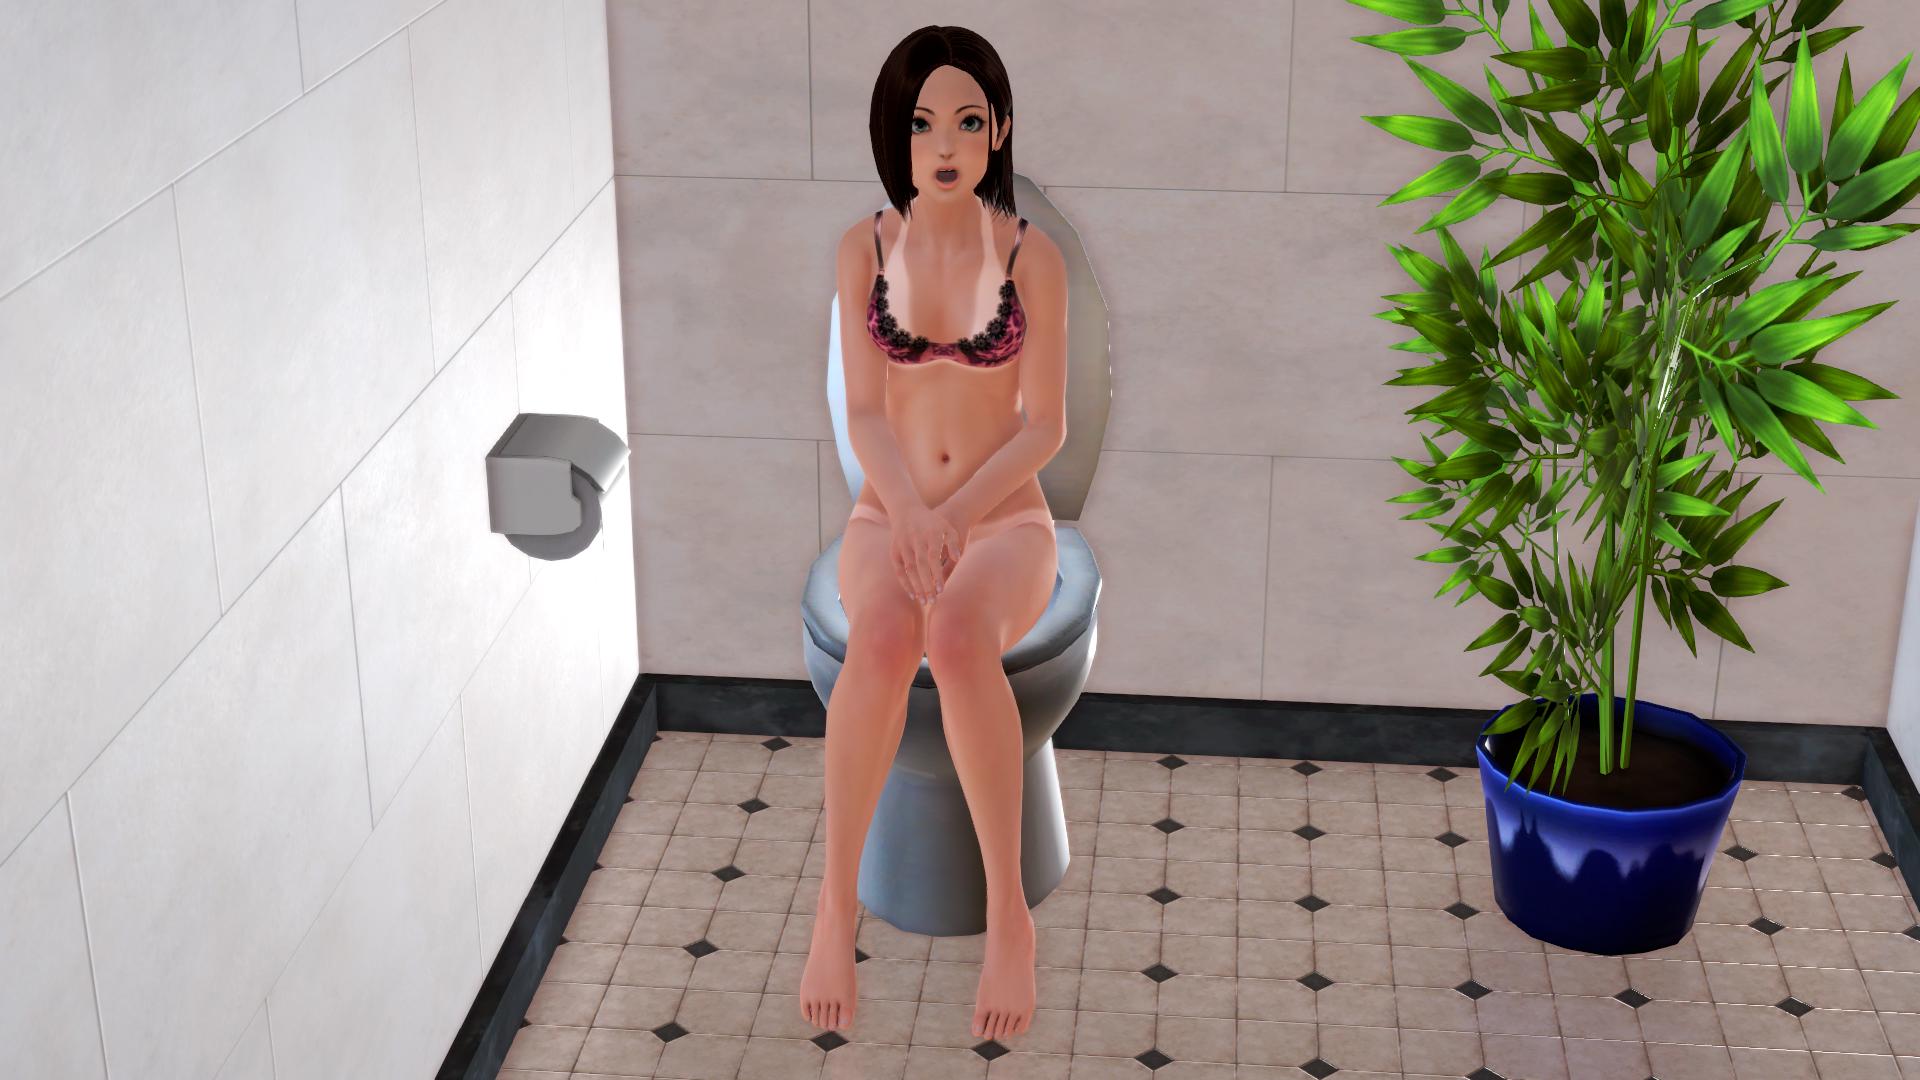 155037 Z 7 AM Toilet S Lvl 1 Open 3